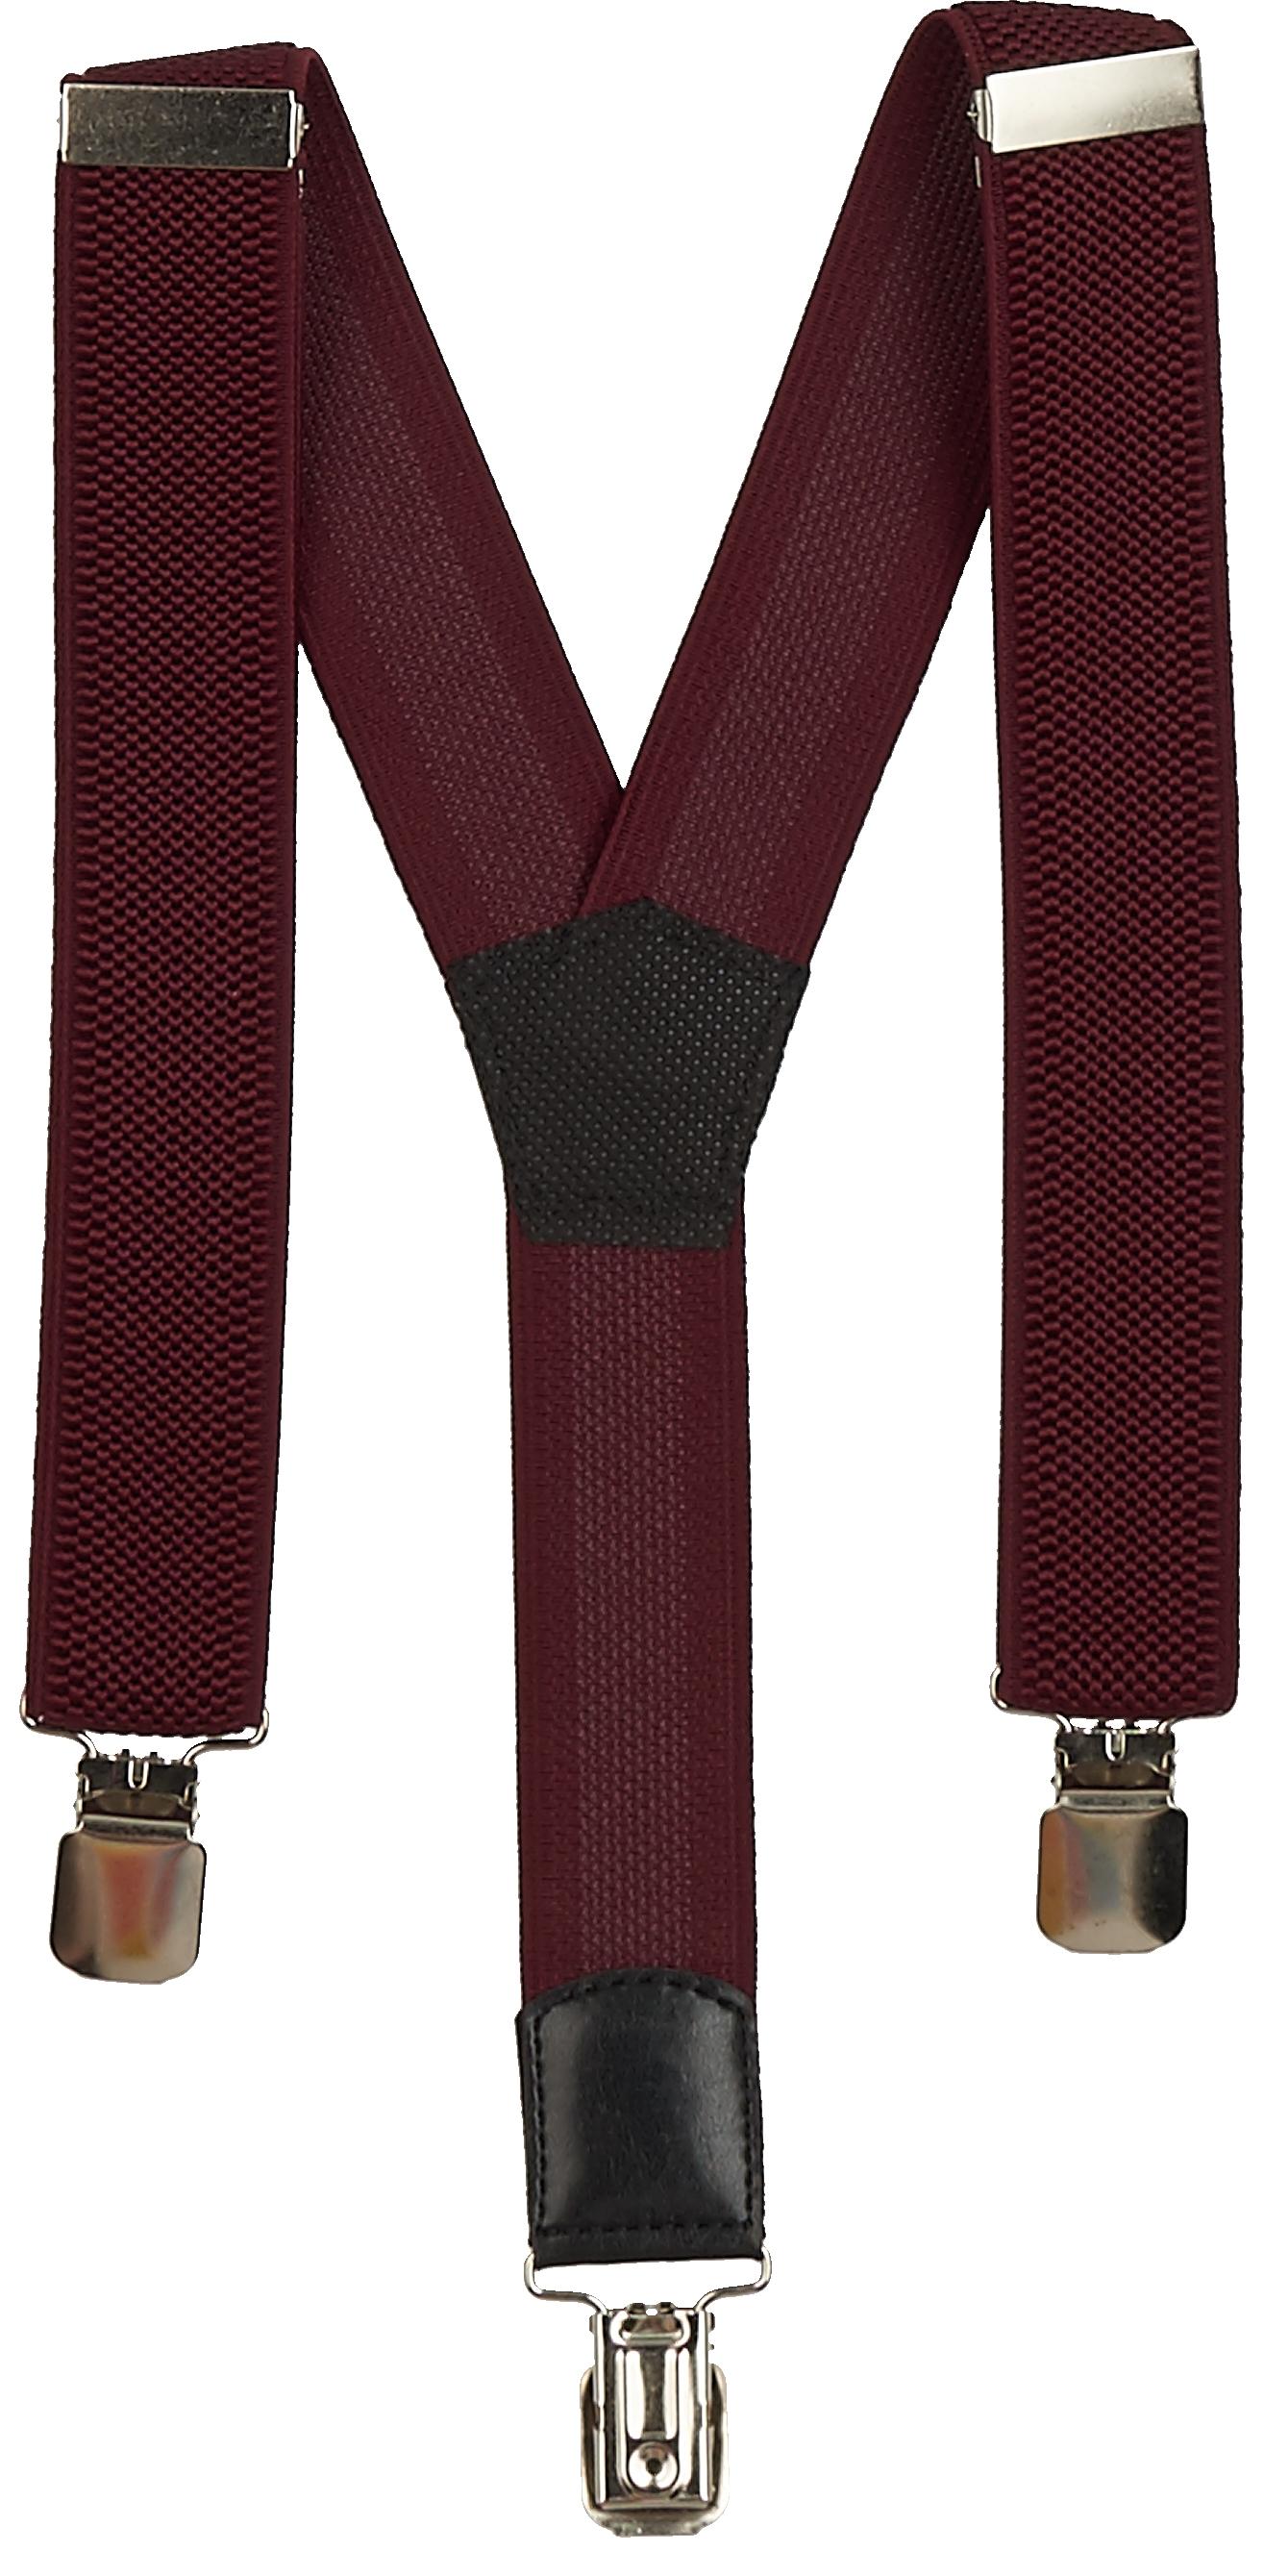 Подтяжки Stilmark рифленые. Ширина: 3 см